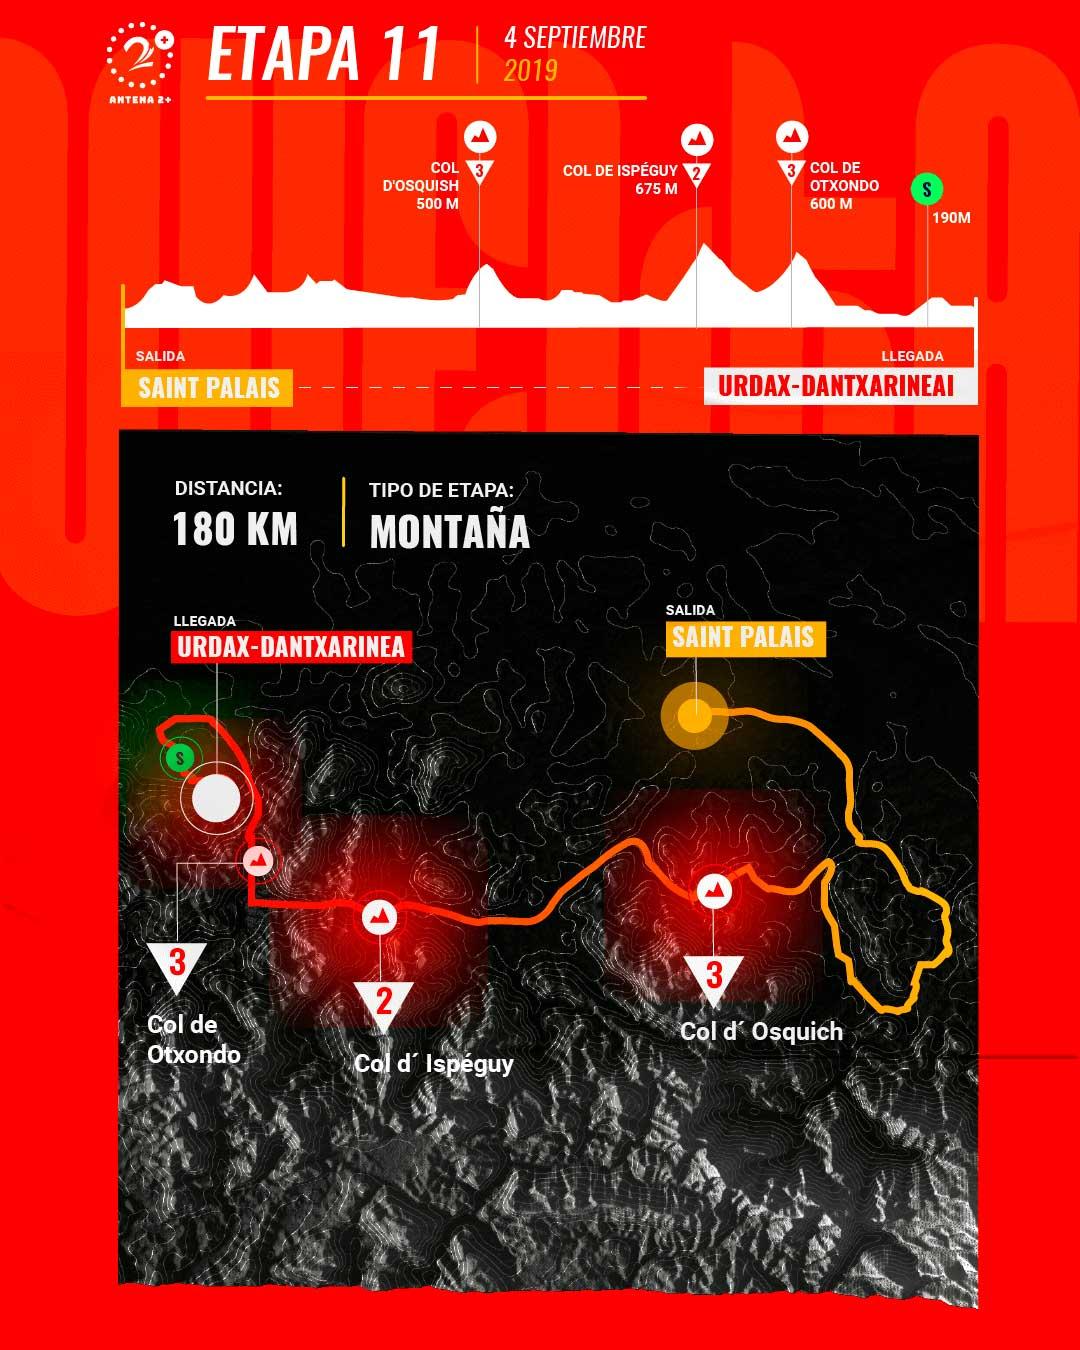 Etapa 11, Vuelta a España 2019